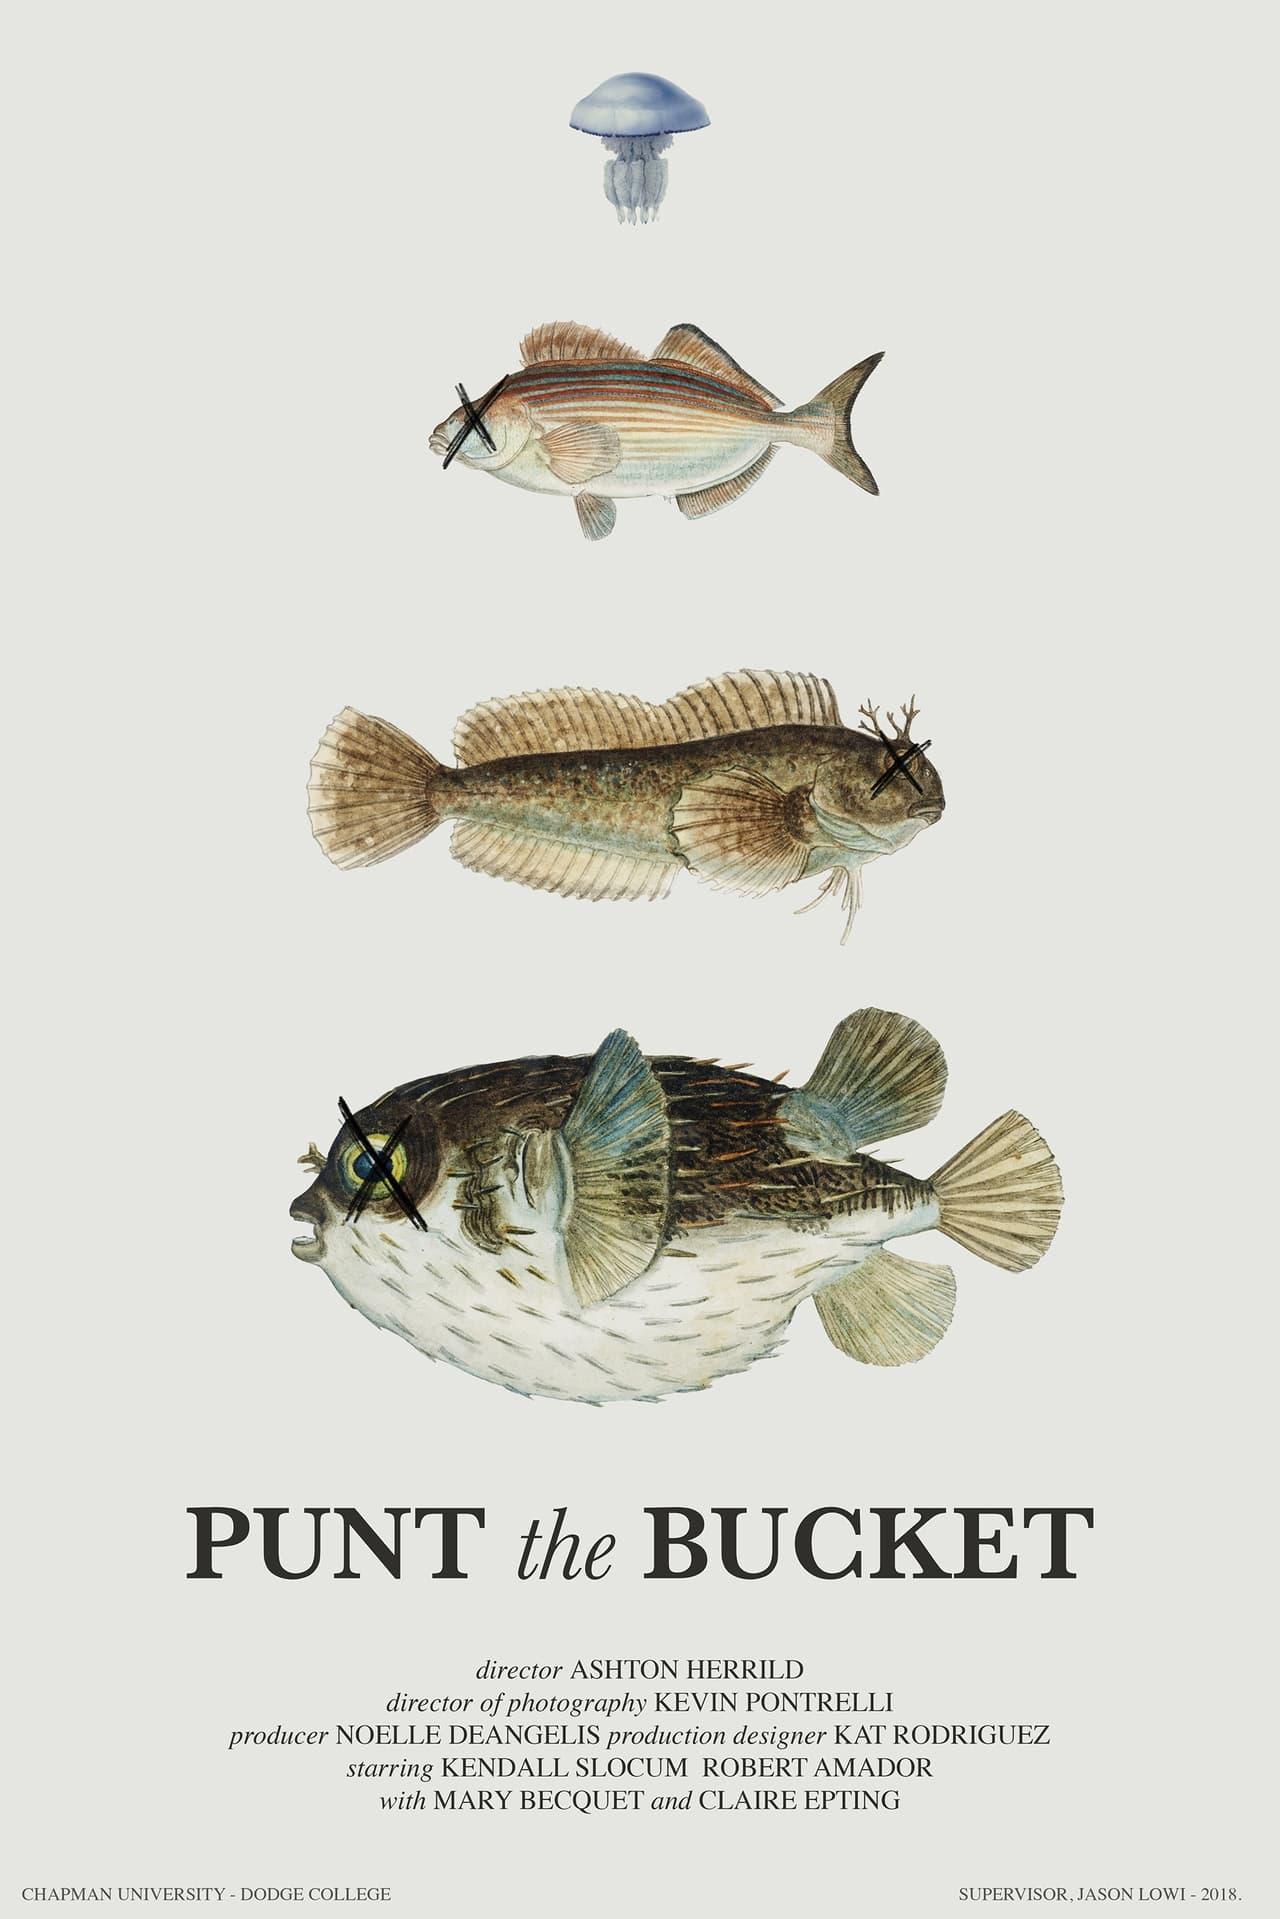 Punt the Bucket